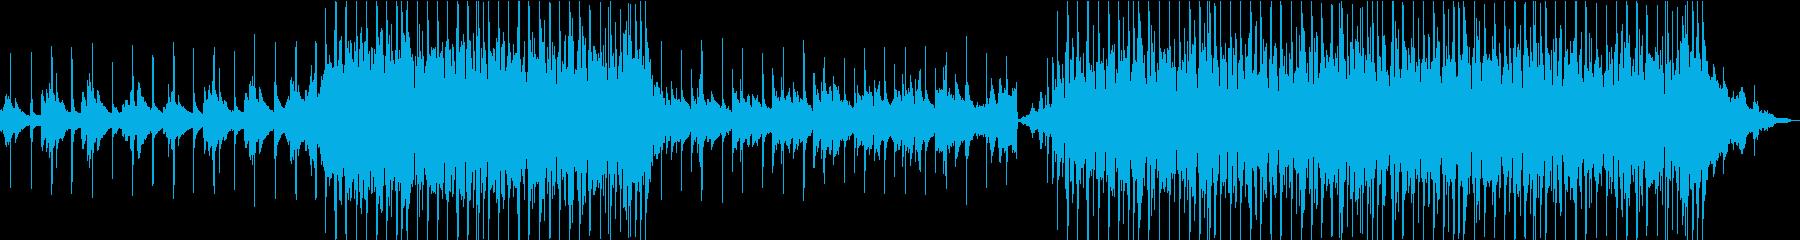 ポップ ロック R&B トロピカル...の再生済みの波形